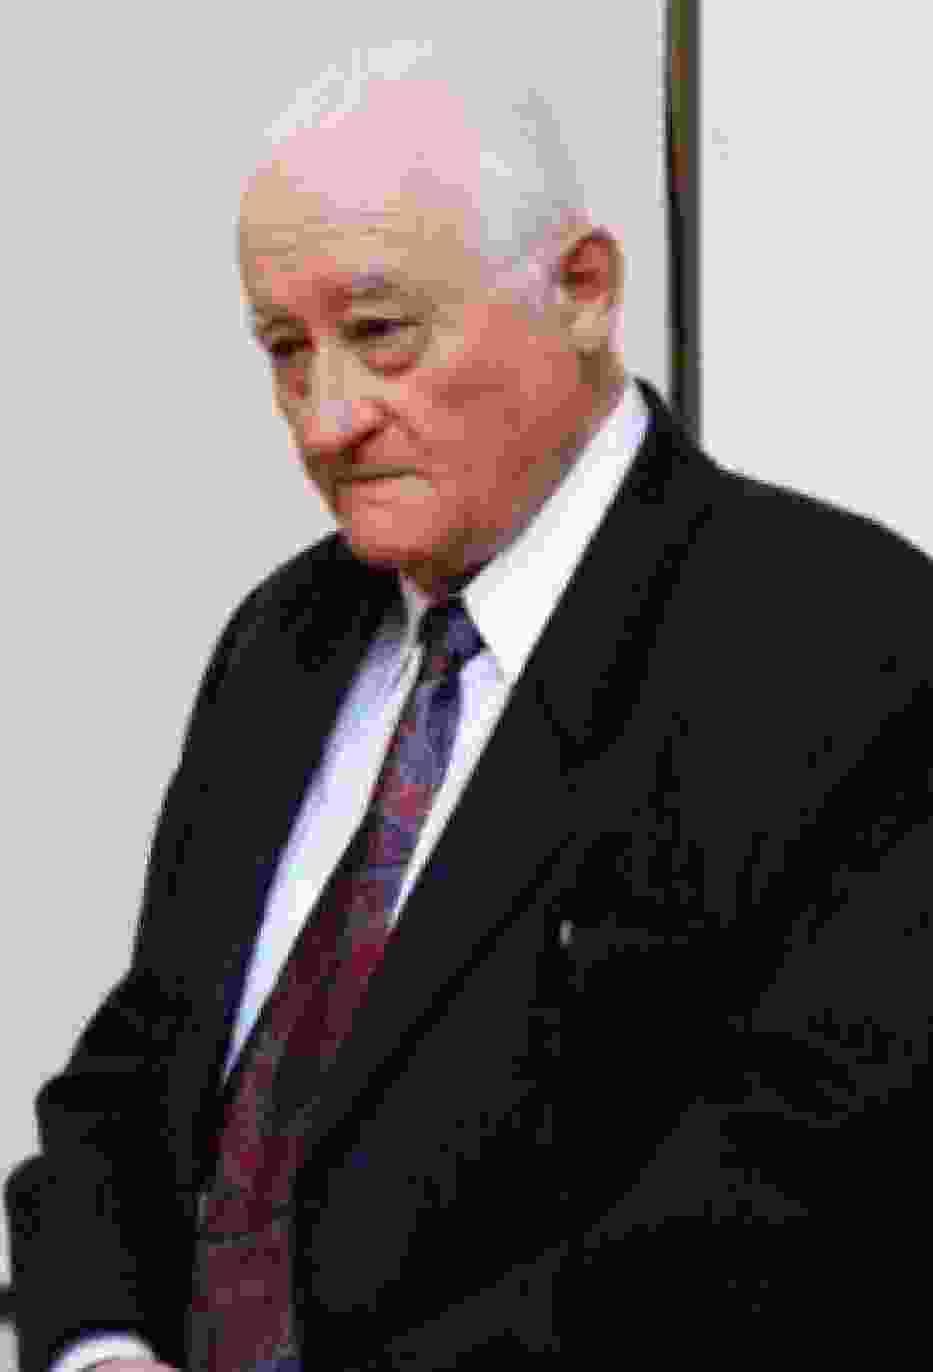 Zygmunt Dmochowski